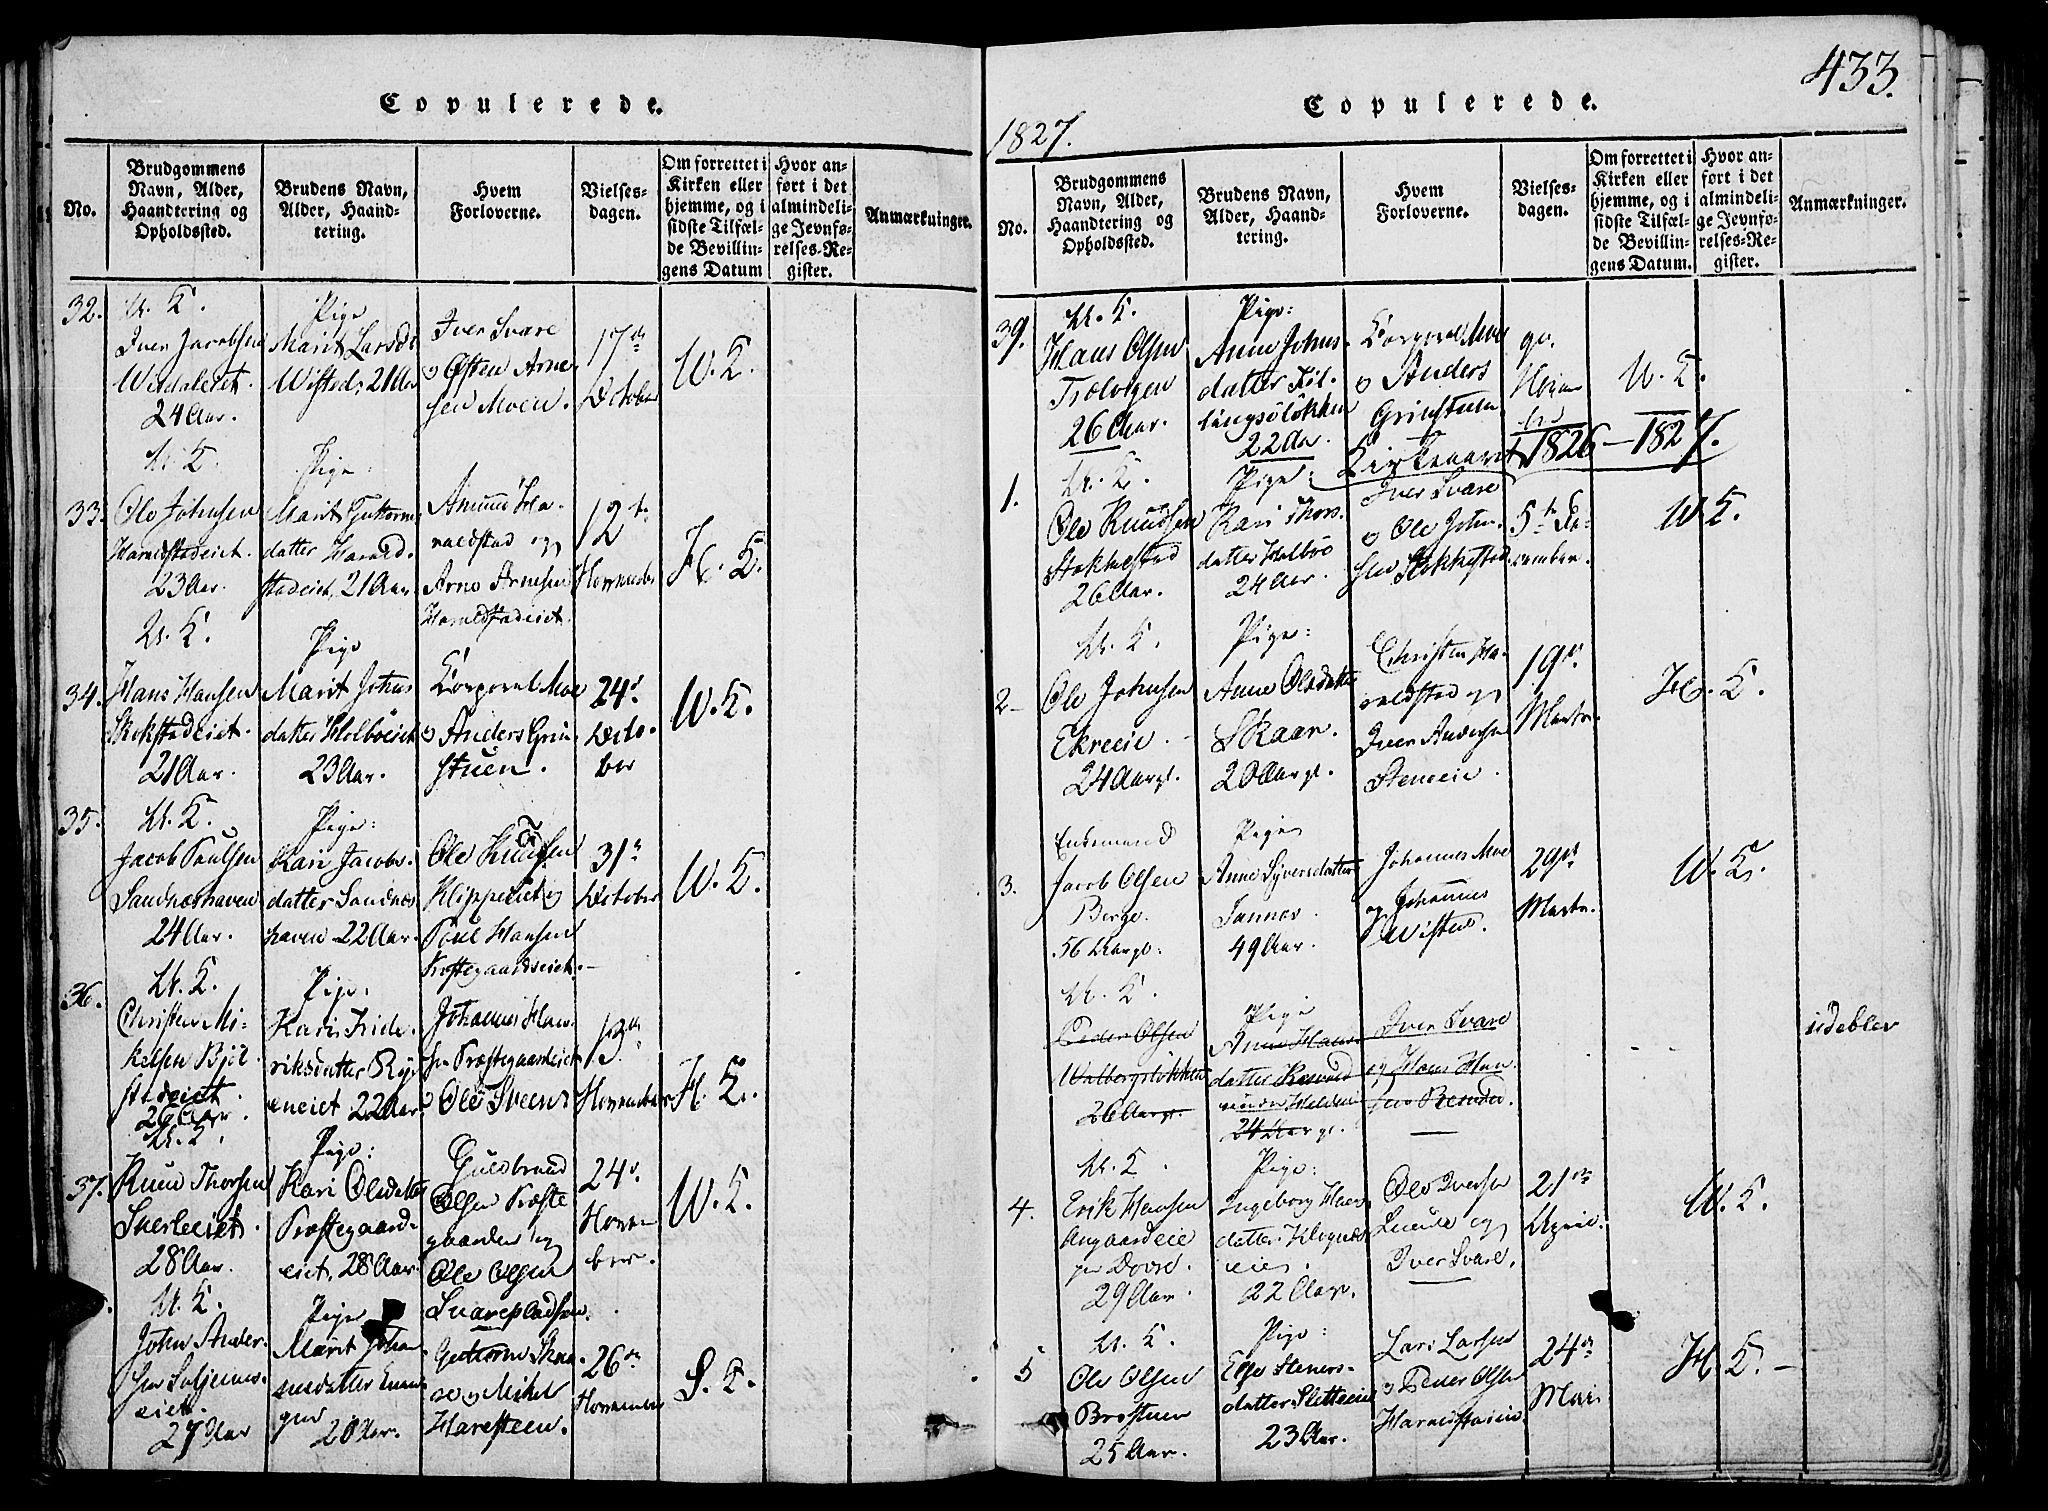 SAH, Vågå prestekontor, Klokkerbok nr. 1, 1815-1827, s. 432-433